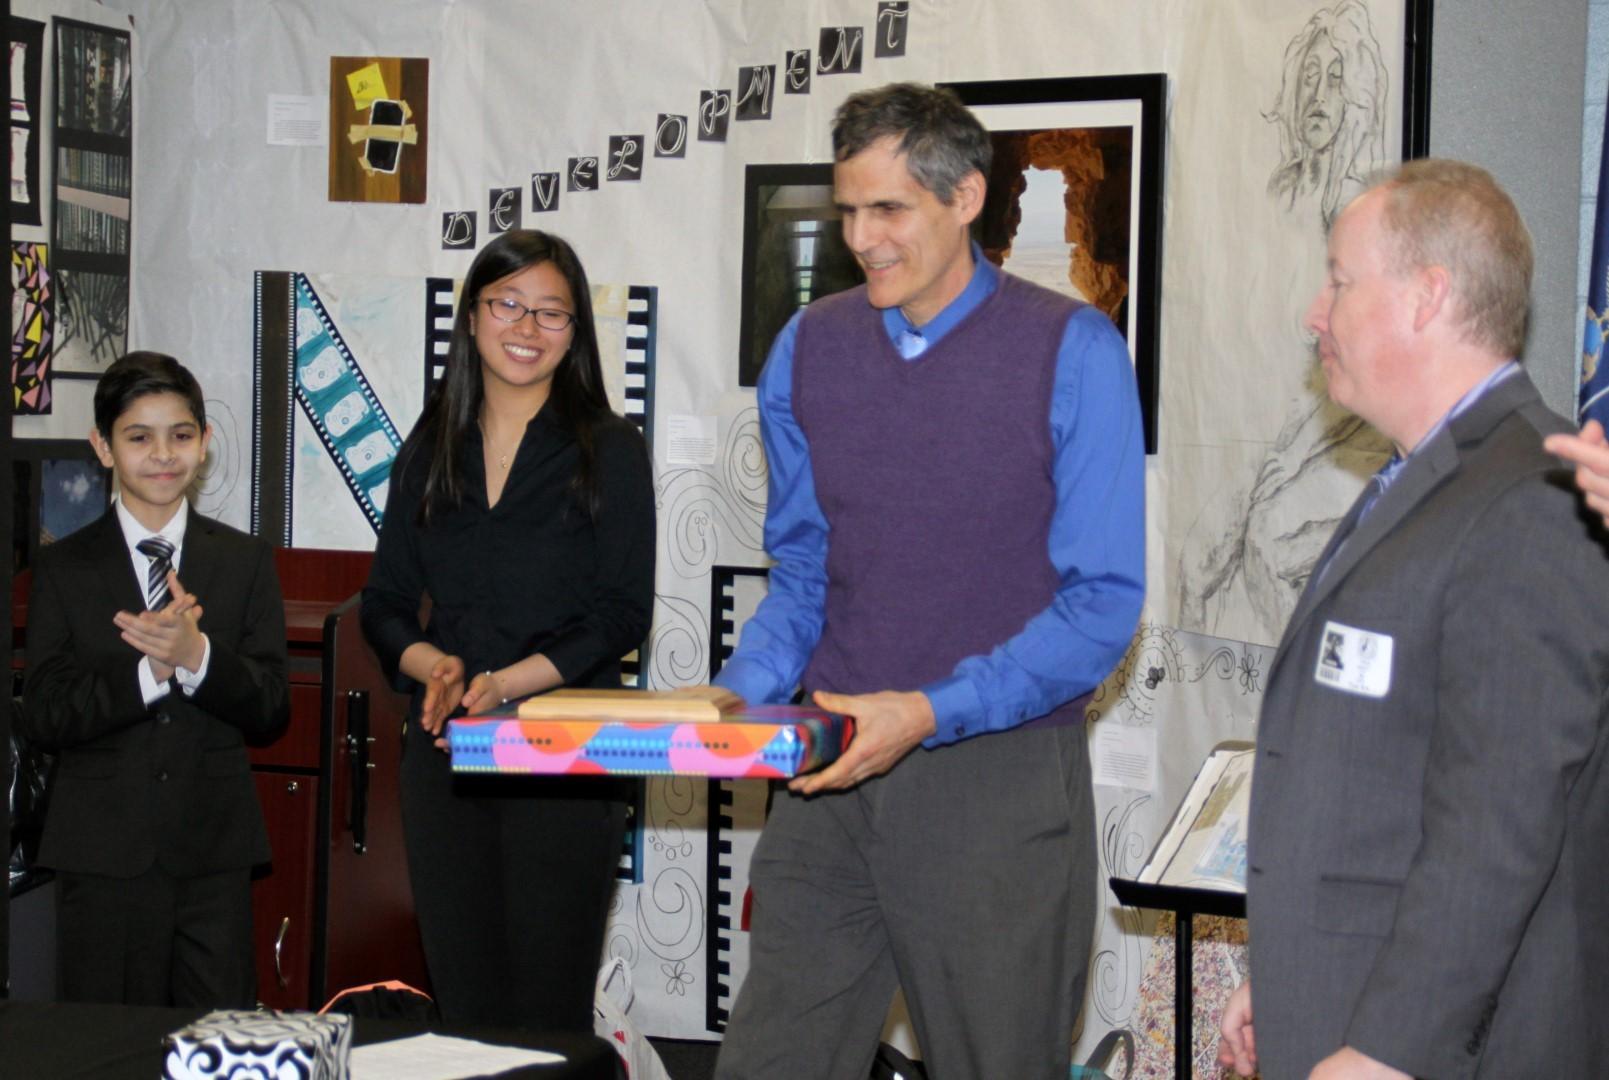 Mr. Kurtz Received an Award, too!